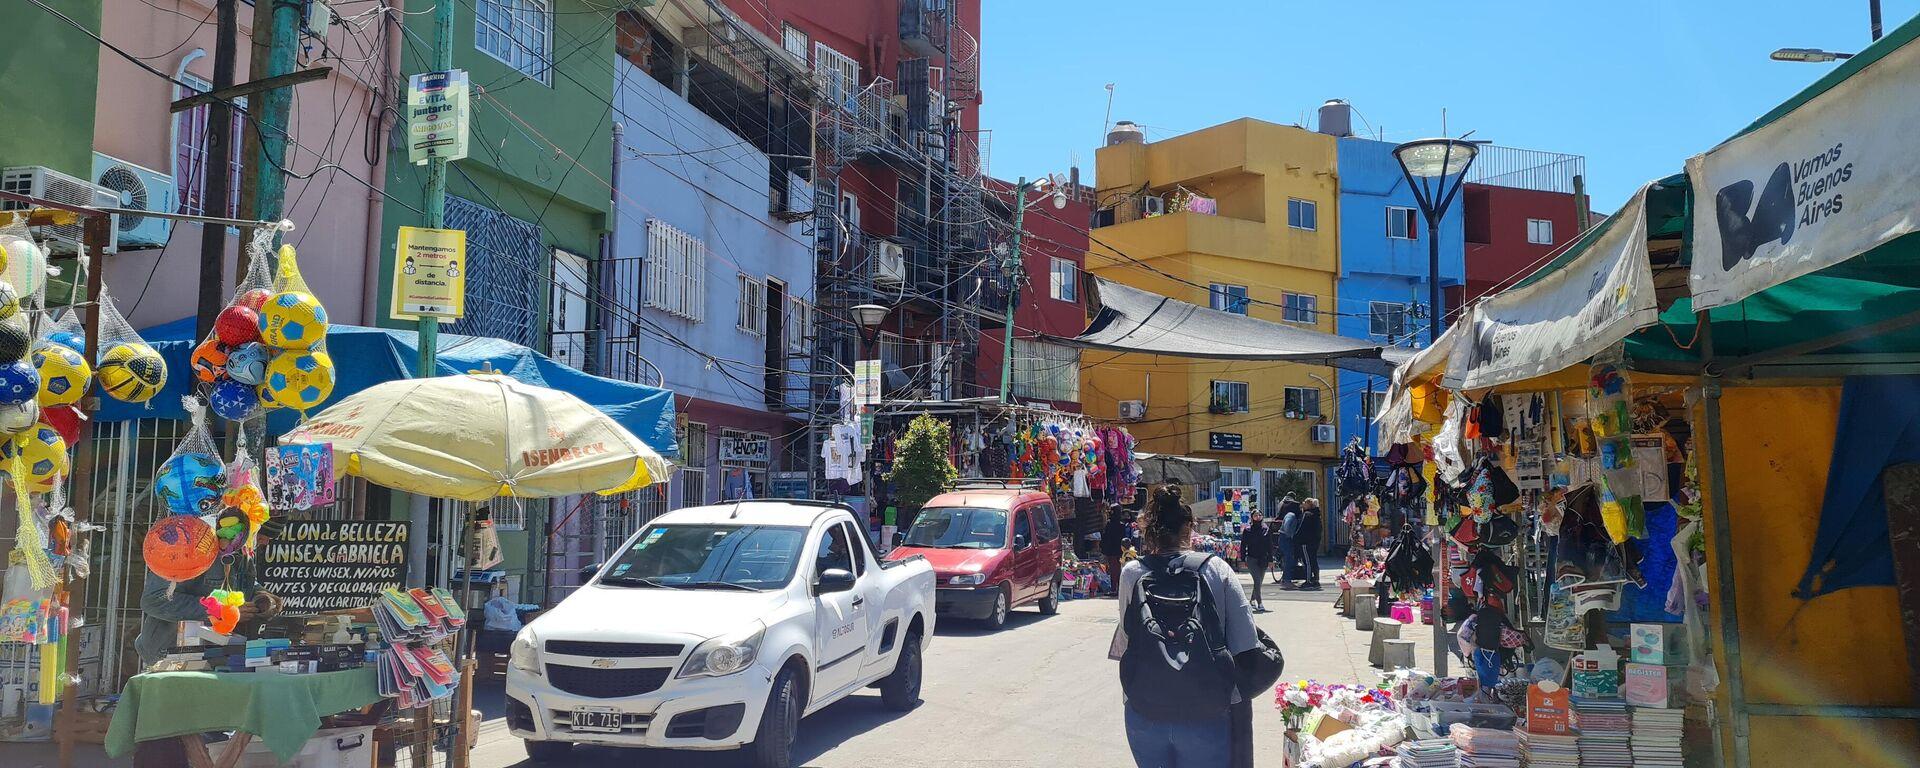 El mercado dentro del Barrio Padre Carlos Mugica vende imitaciones nuevas y alimentos frescos - Sputnik Mundo, 1920, 08.10.2021